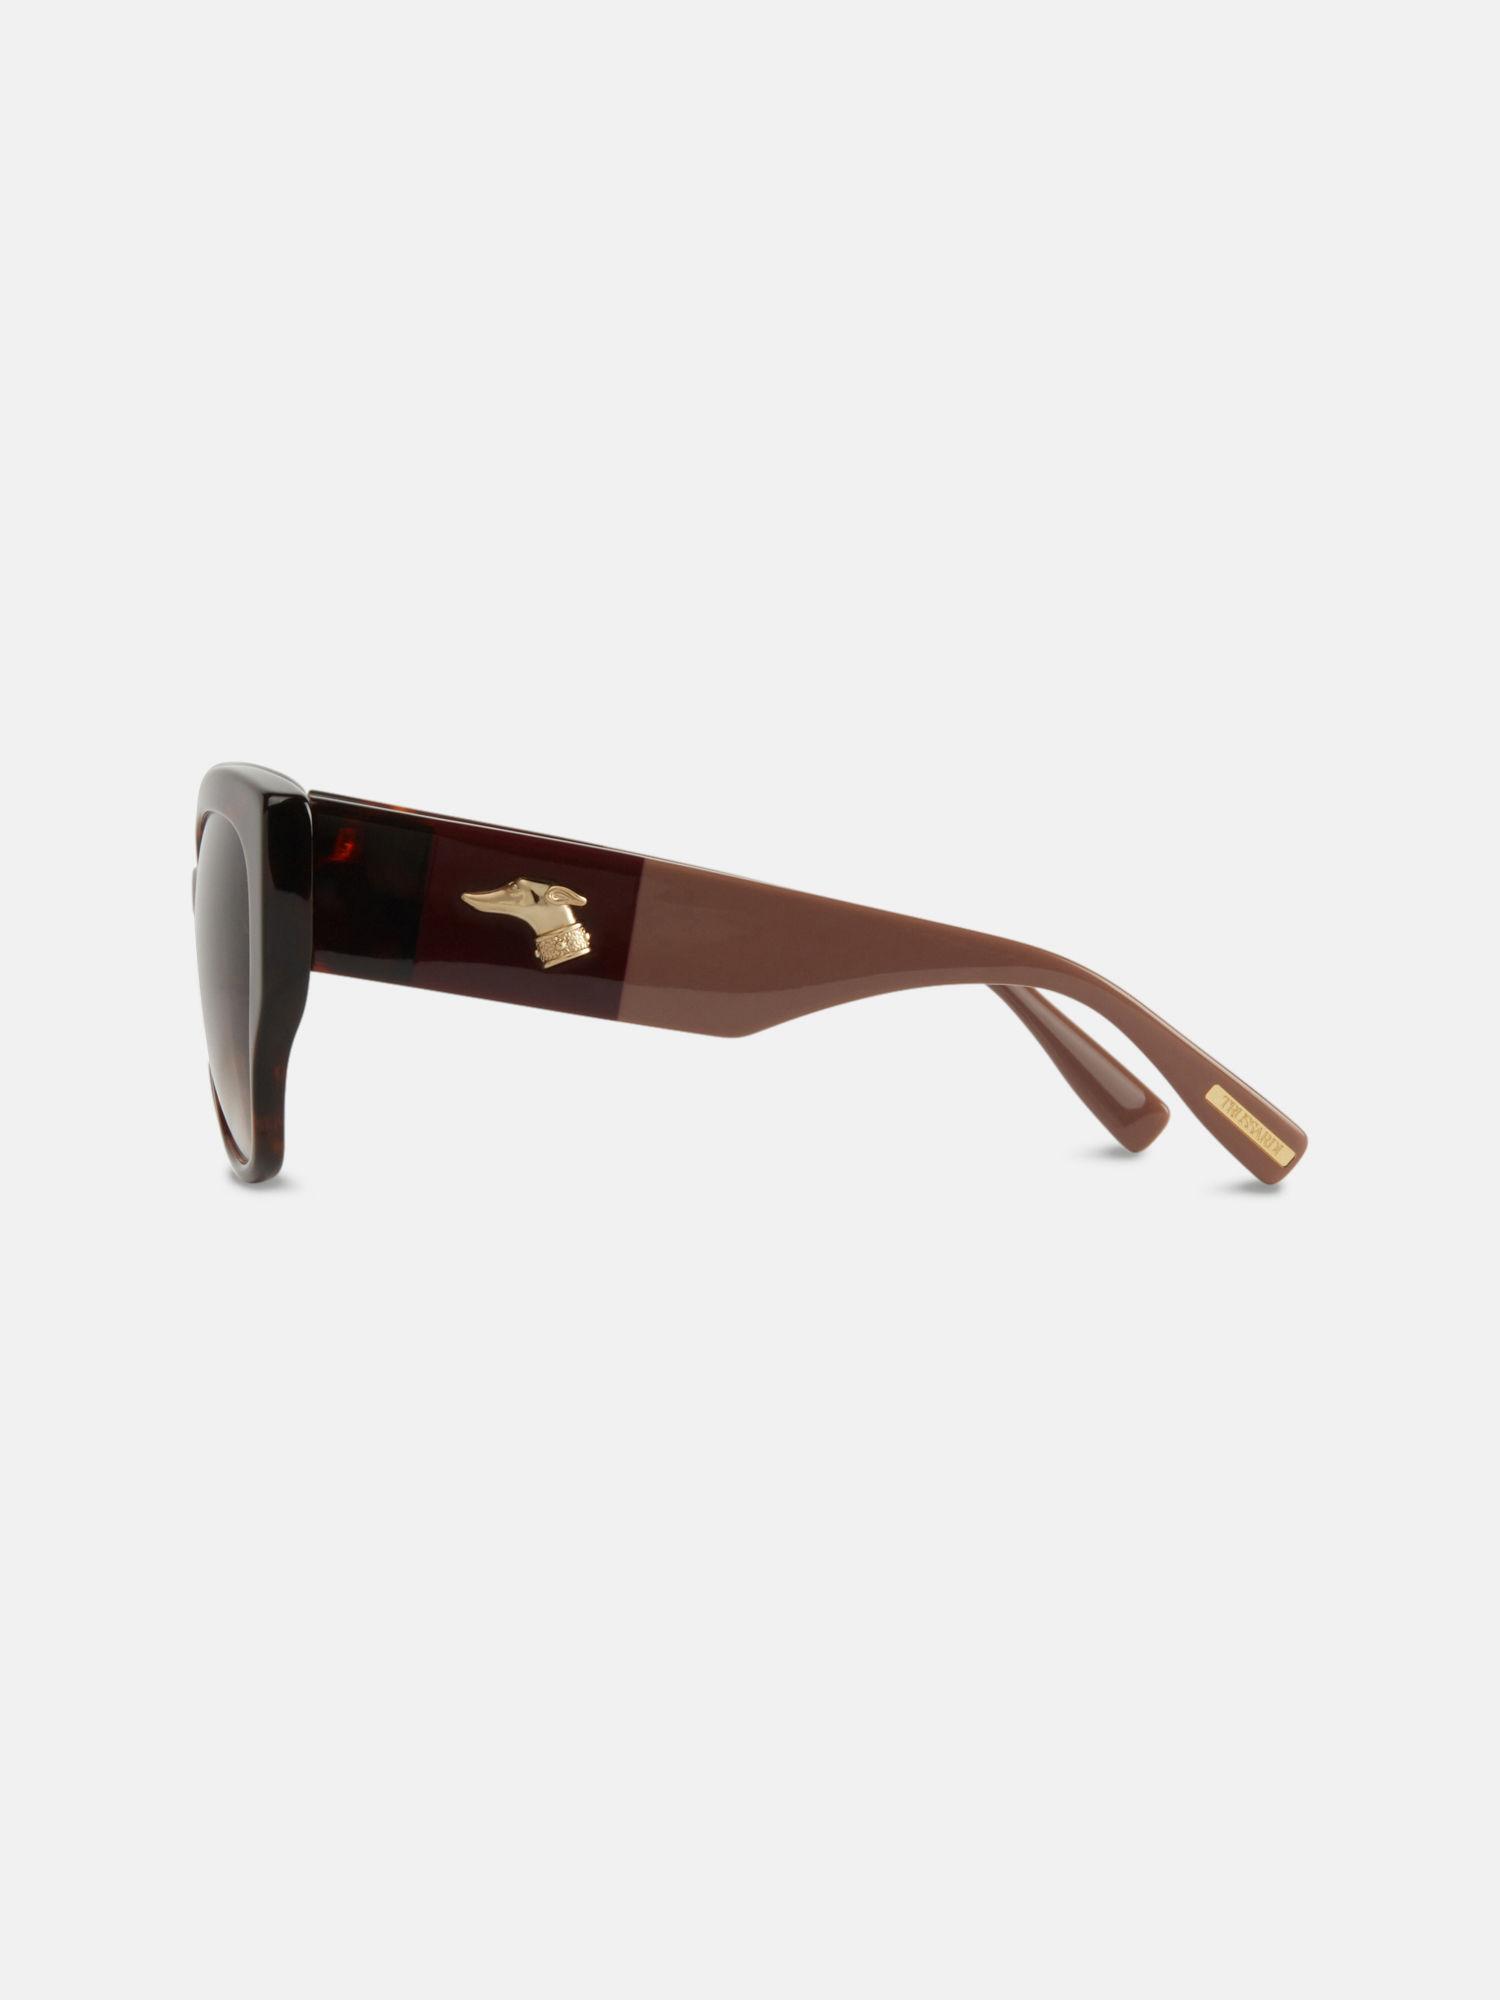 Tortoiseshell-sunglasses-with-Levriero-greyhound-detail_TRUSSARDI_10_05_1906051902104_L NON PERDERE I SUMMER SALE TRUSSARDI CON SCONTI FINO AL 50%